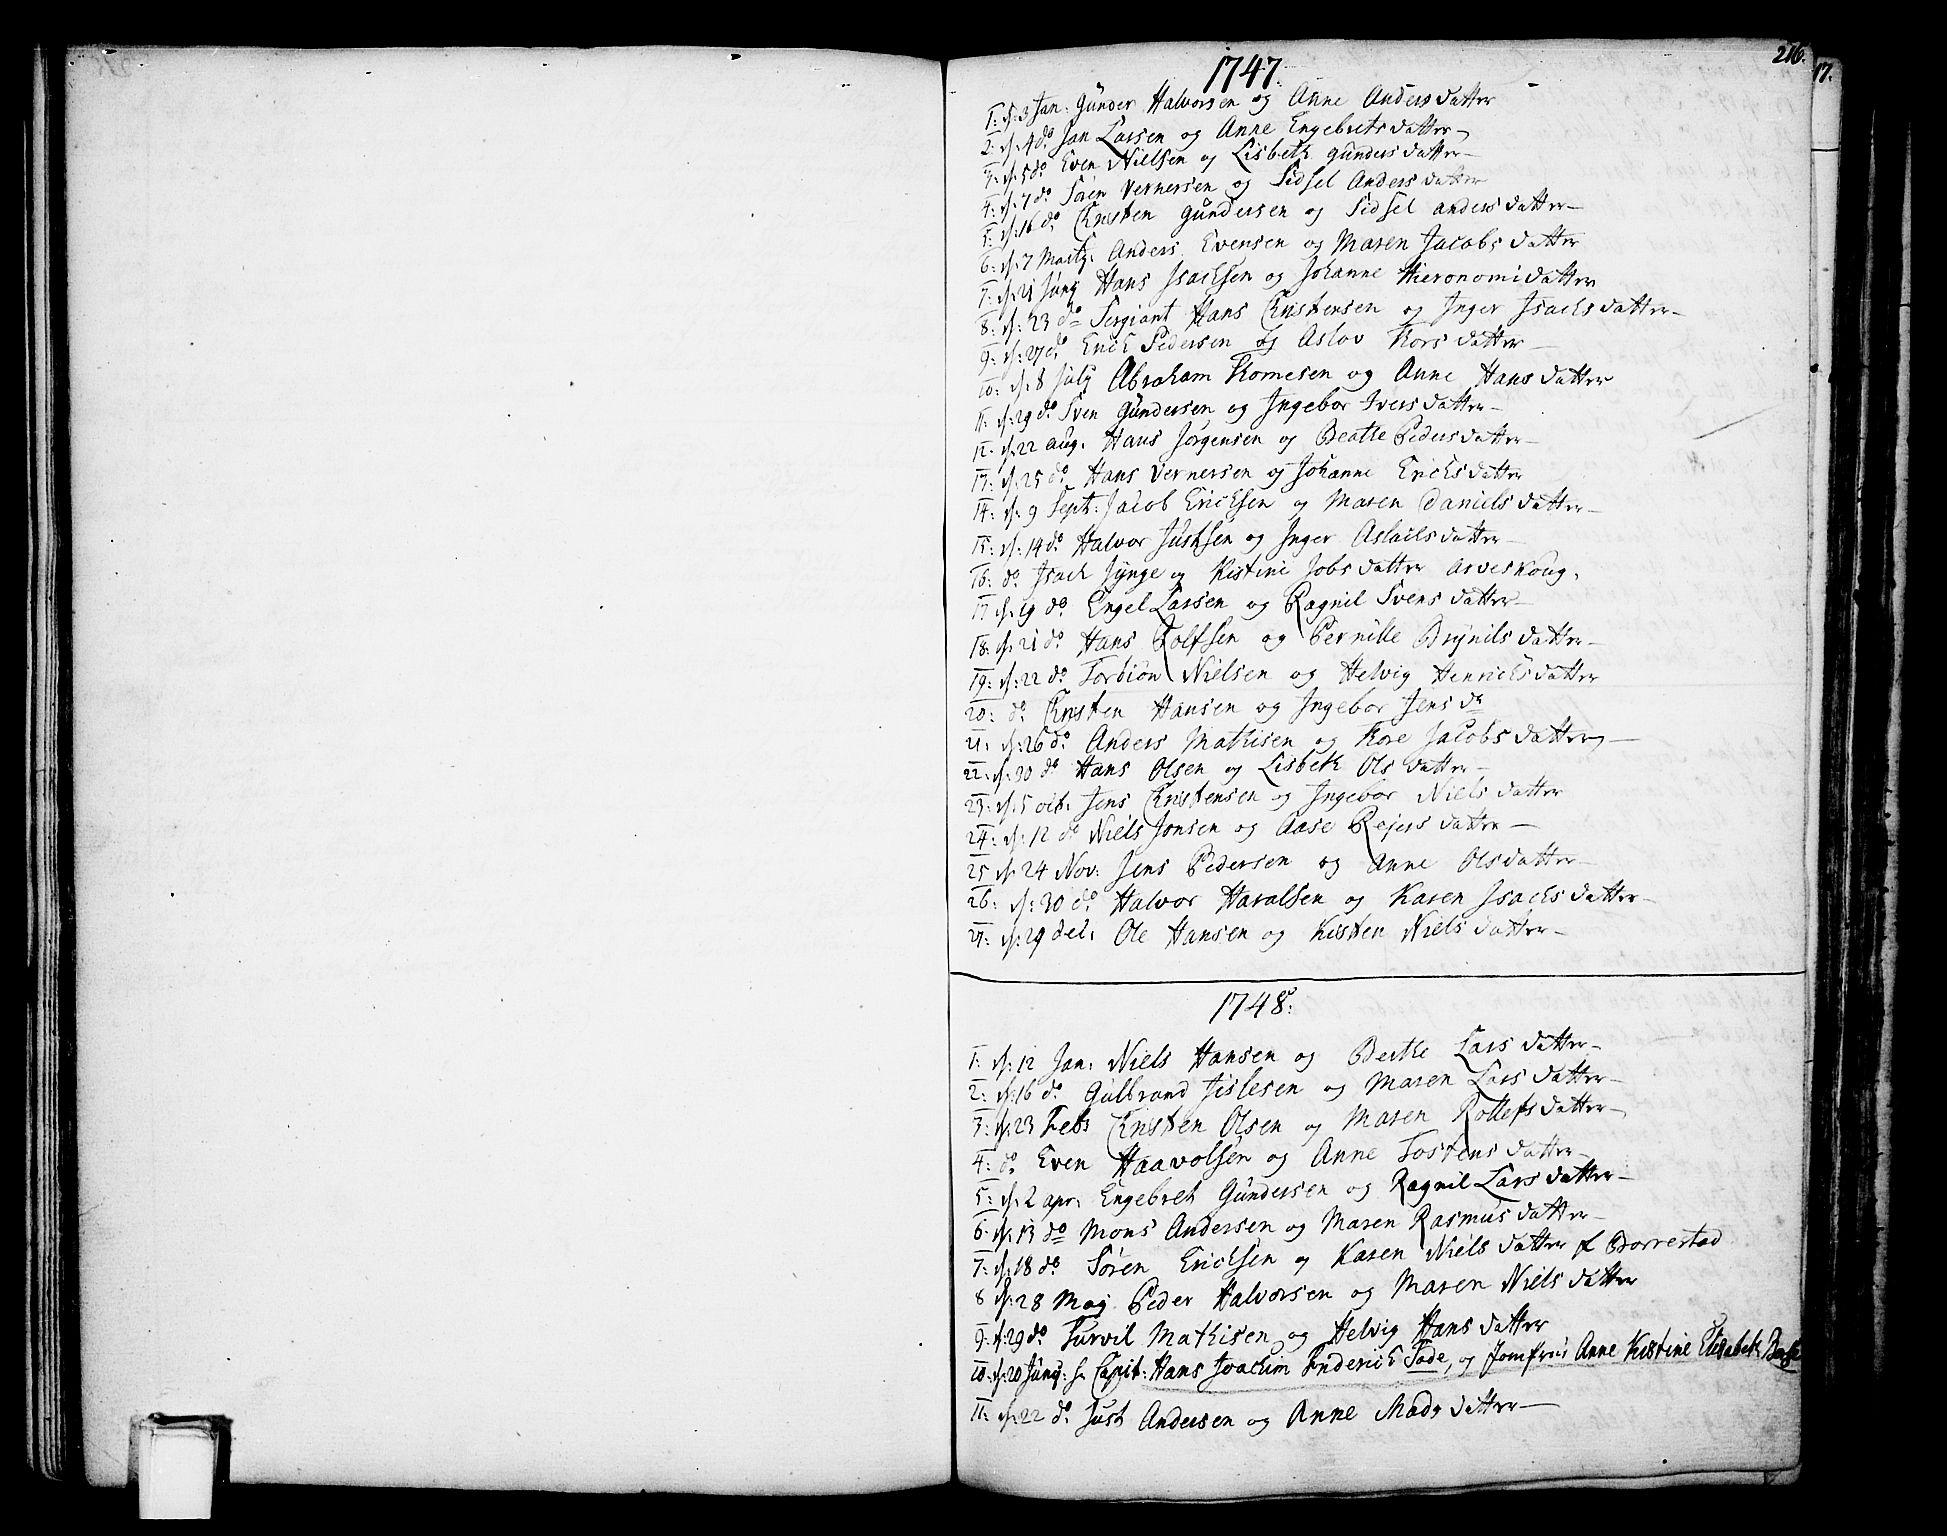 SAKO, Gjerpen kirkebøker, F/Fa/L0002: Ministerialbok nr. 2, 1747-1795, s. 216